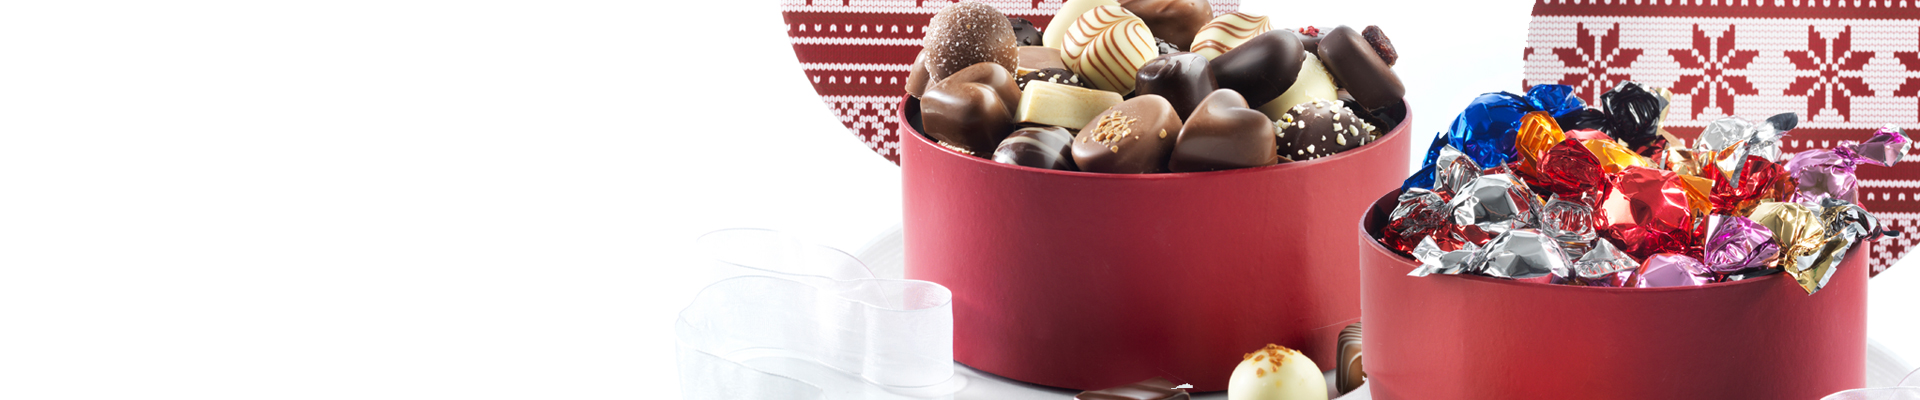 Hyggelige hatteæsker fyldt med lækkerier